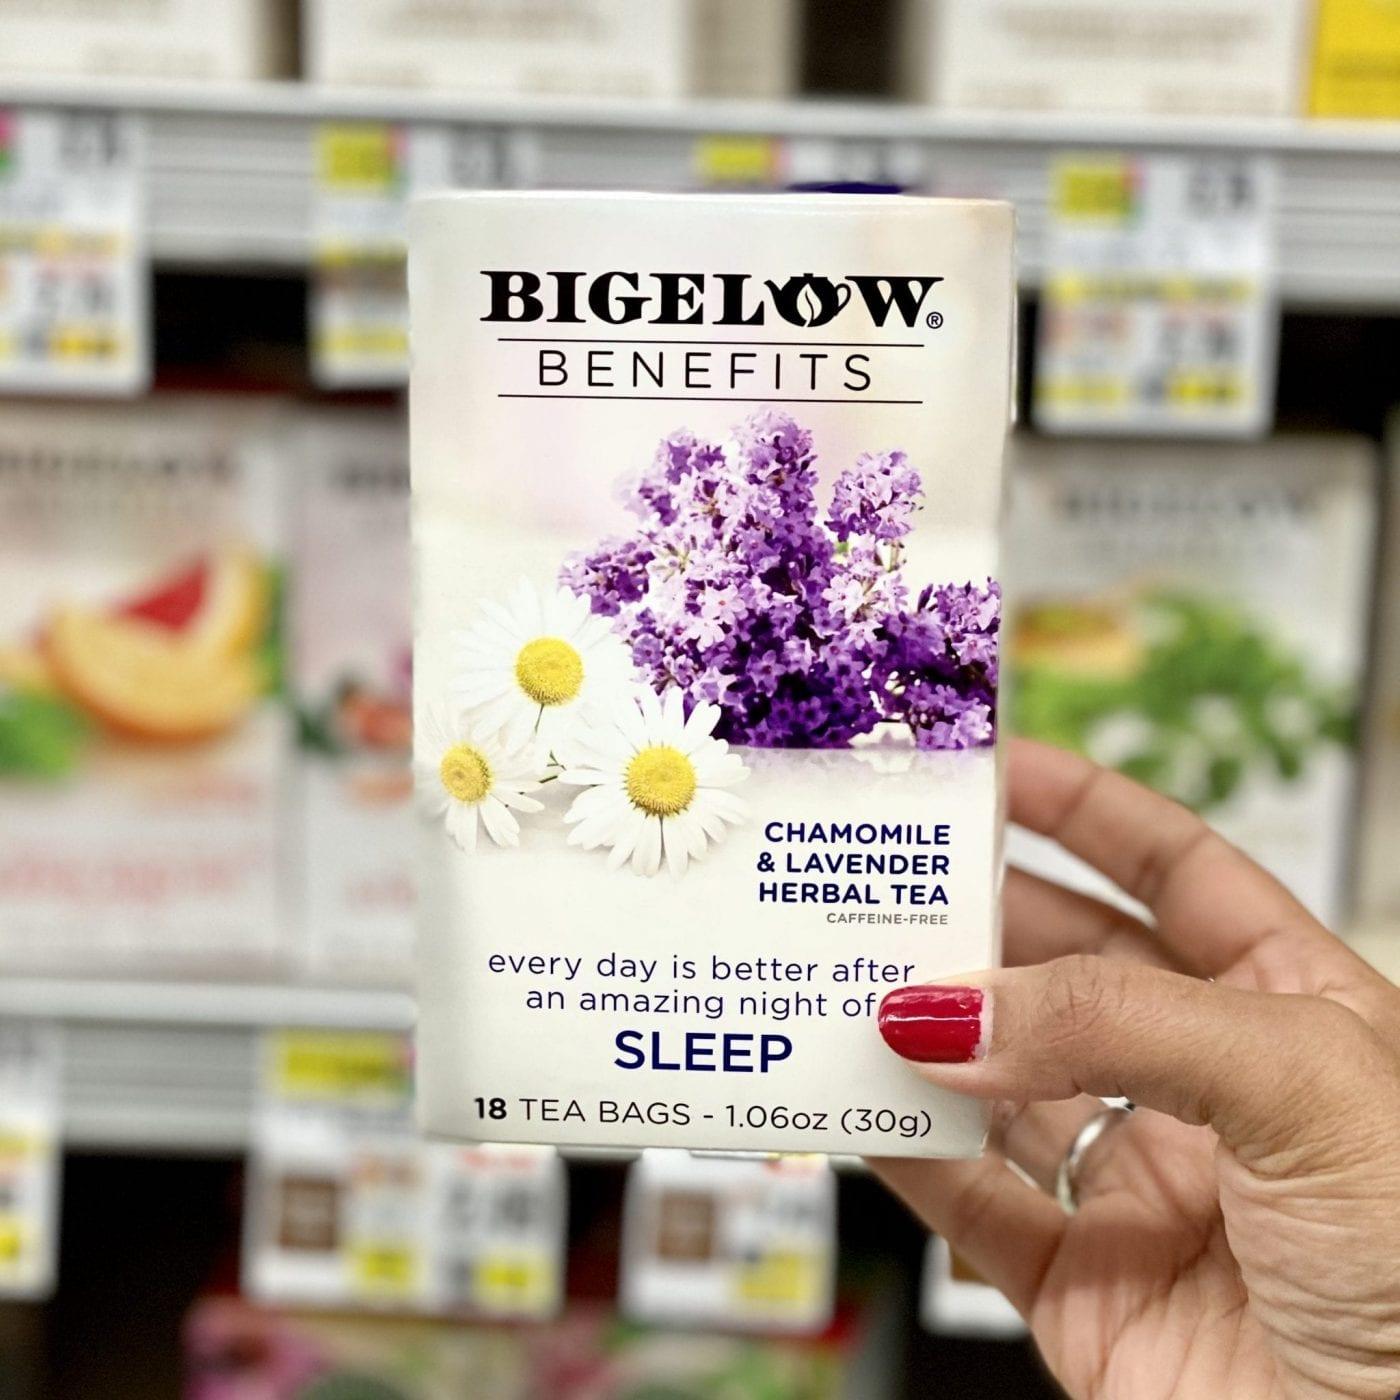 Bigelow Benefits